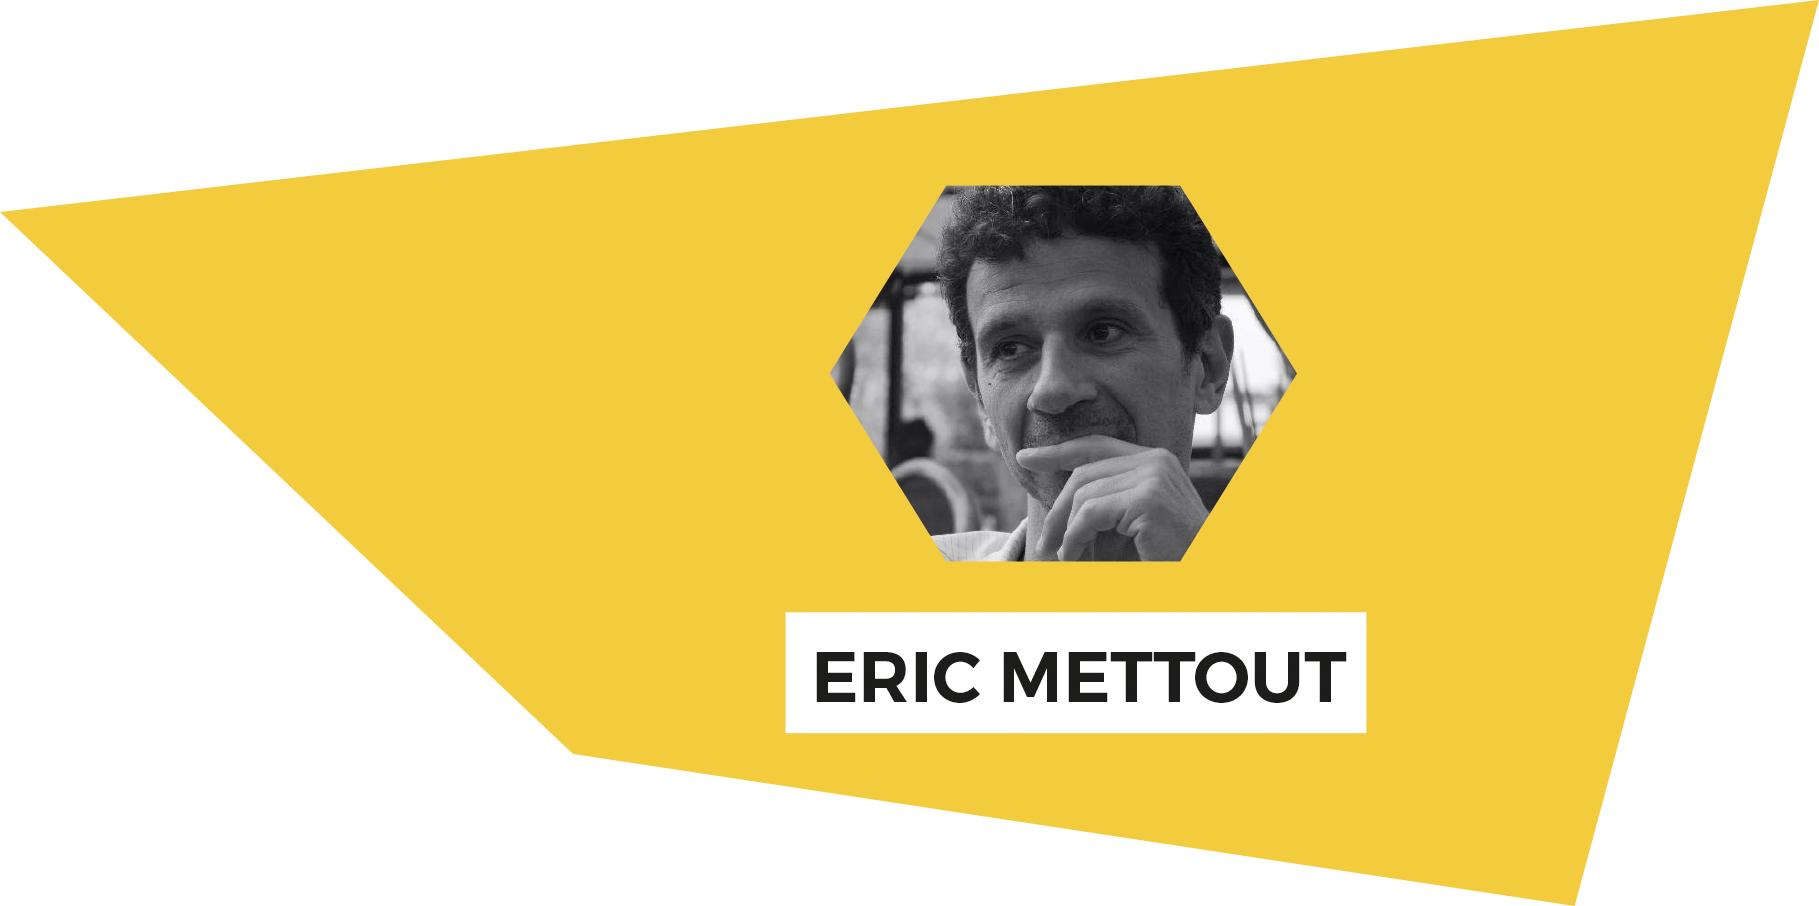 Eric mettout